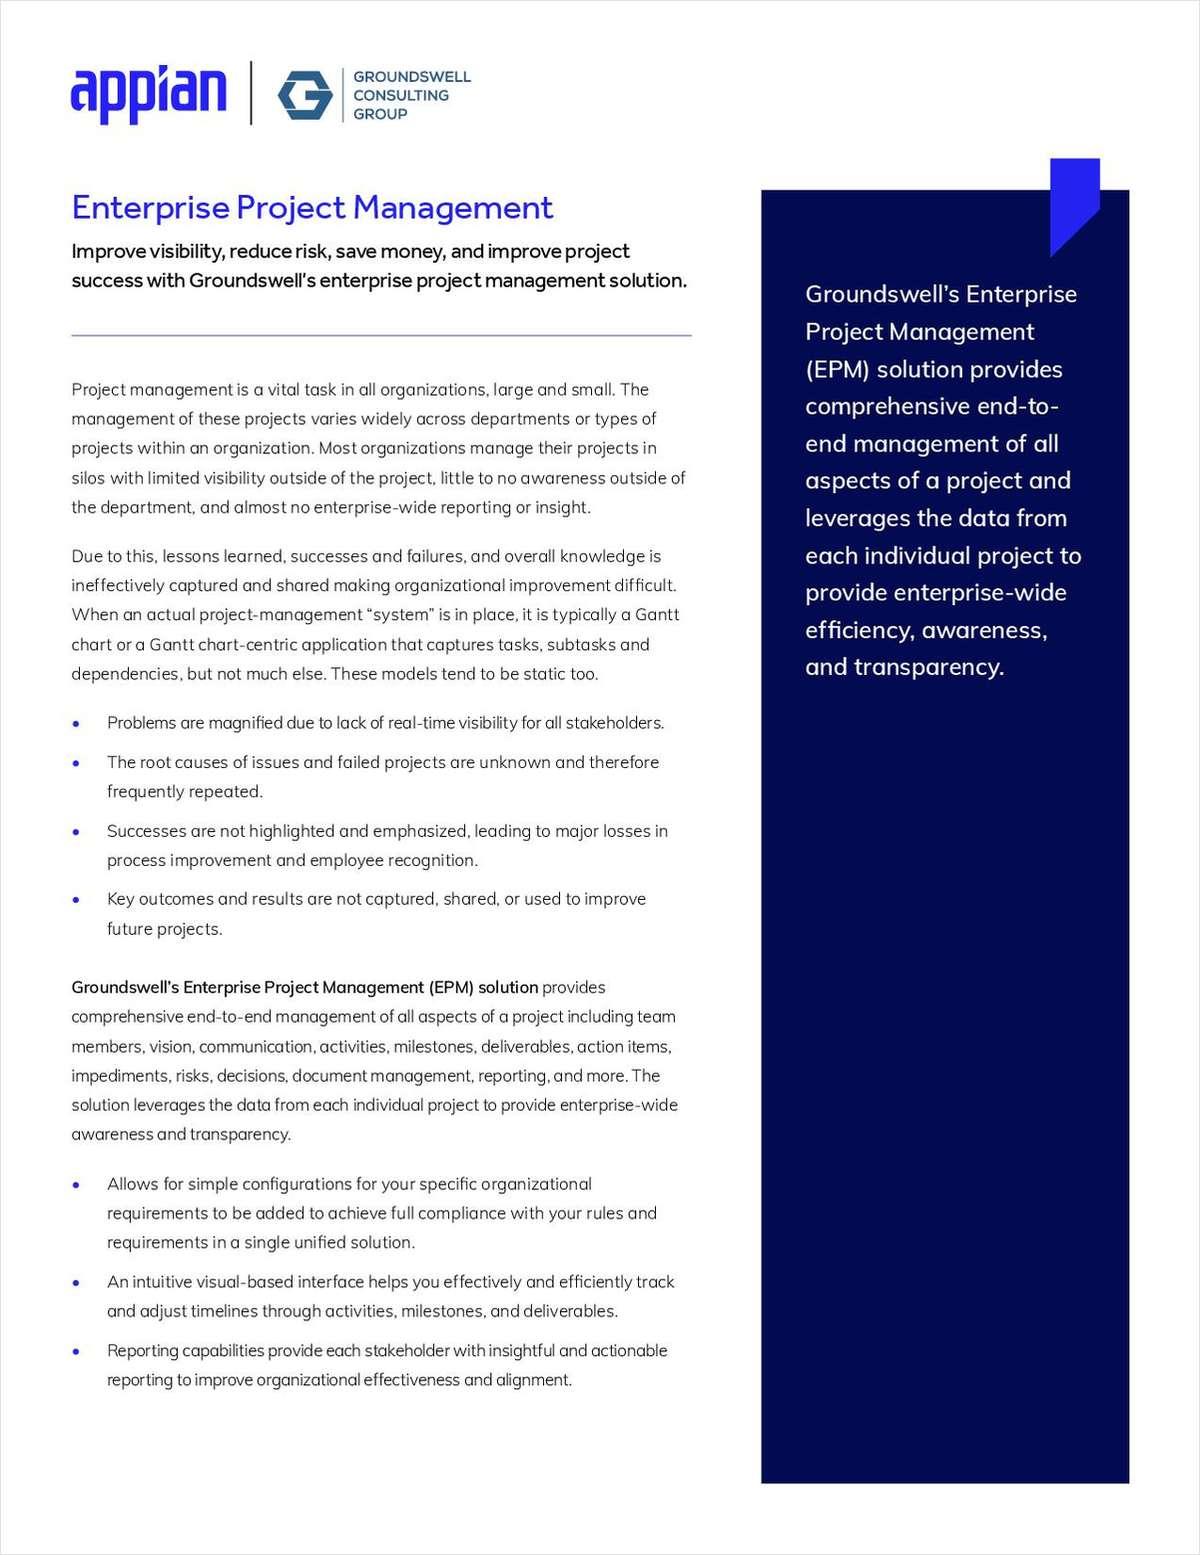 Enterprise Project Management Solution